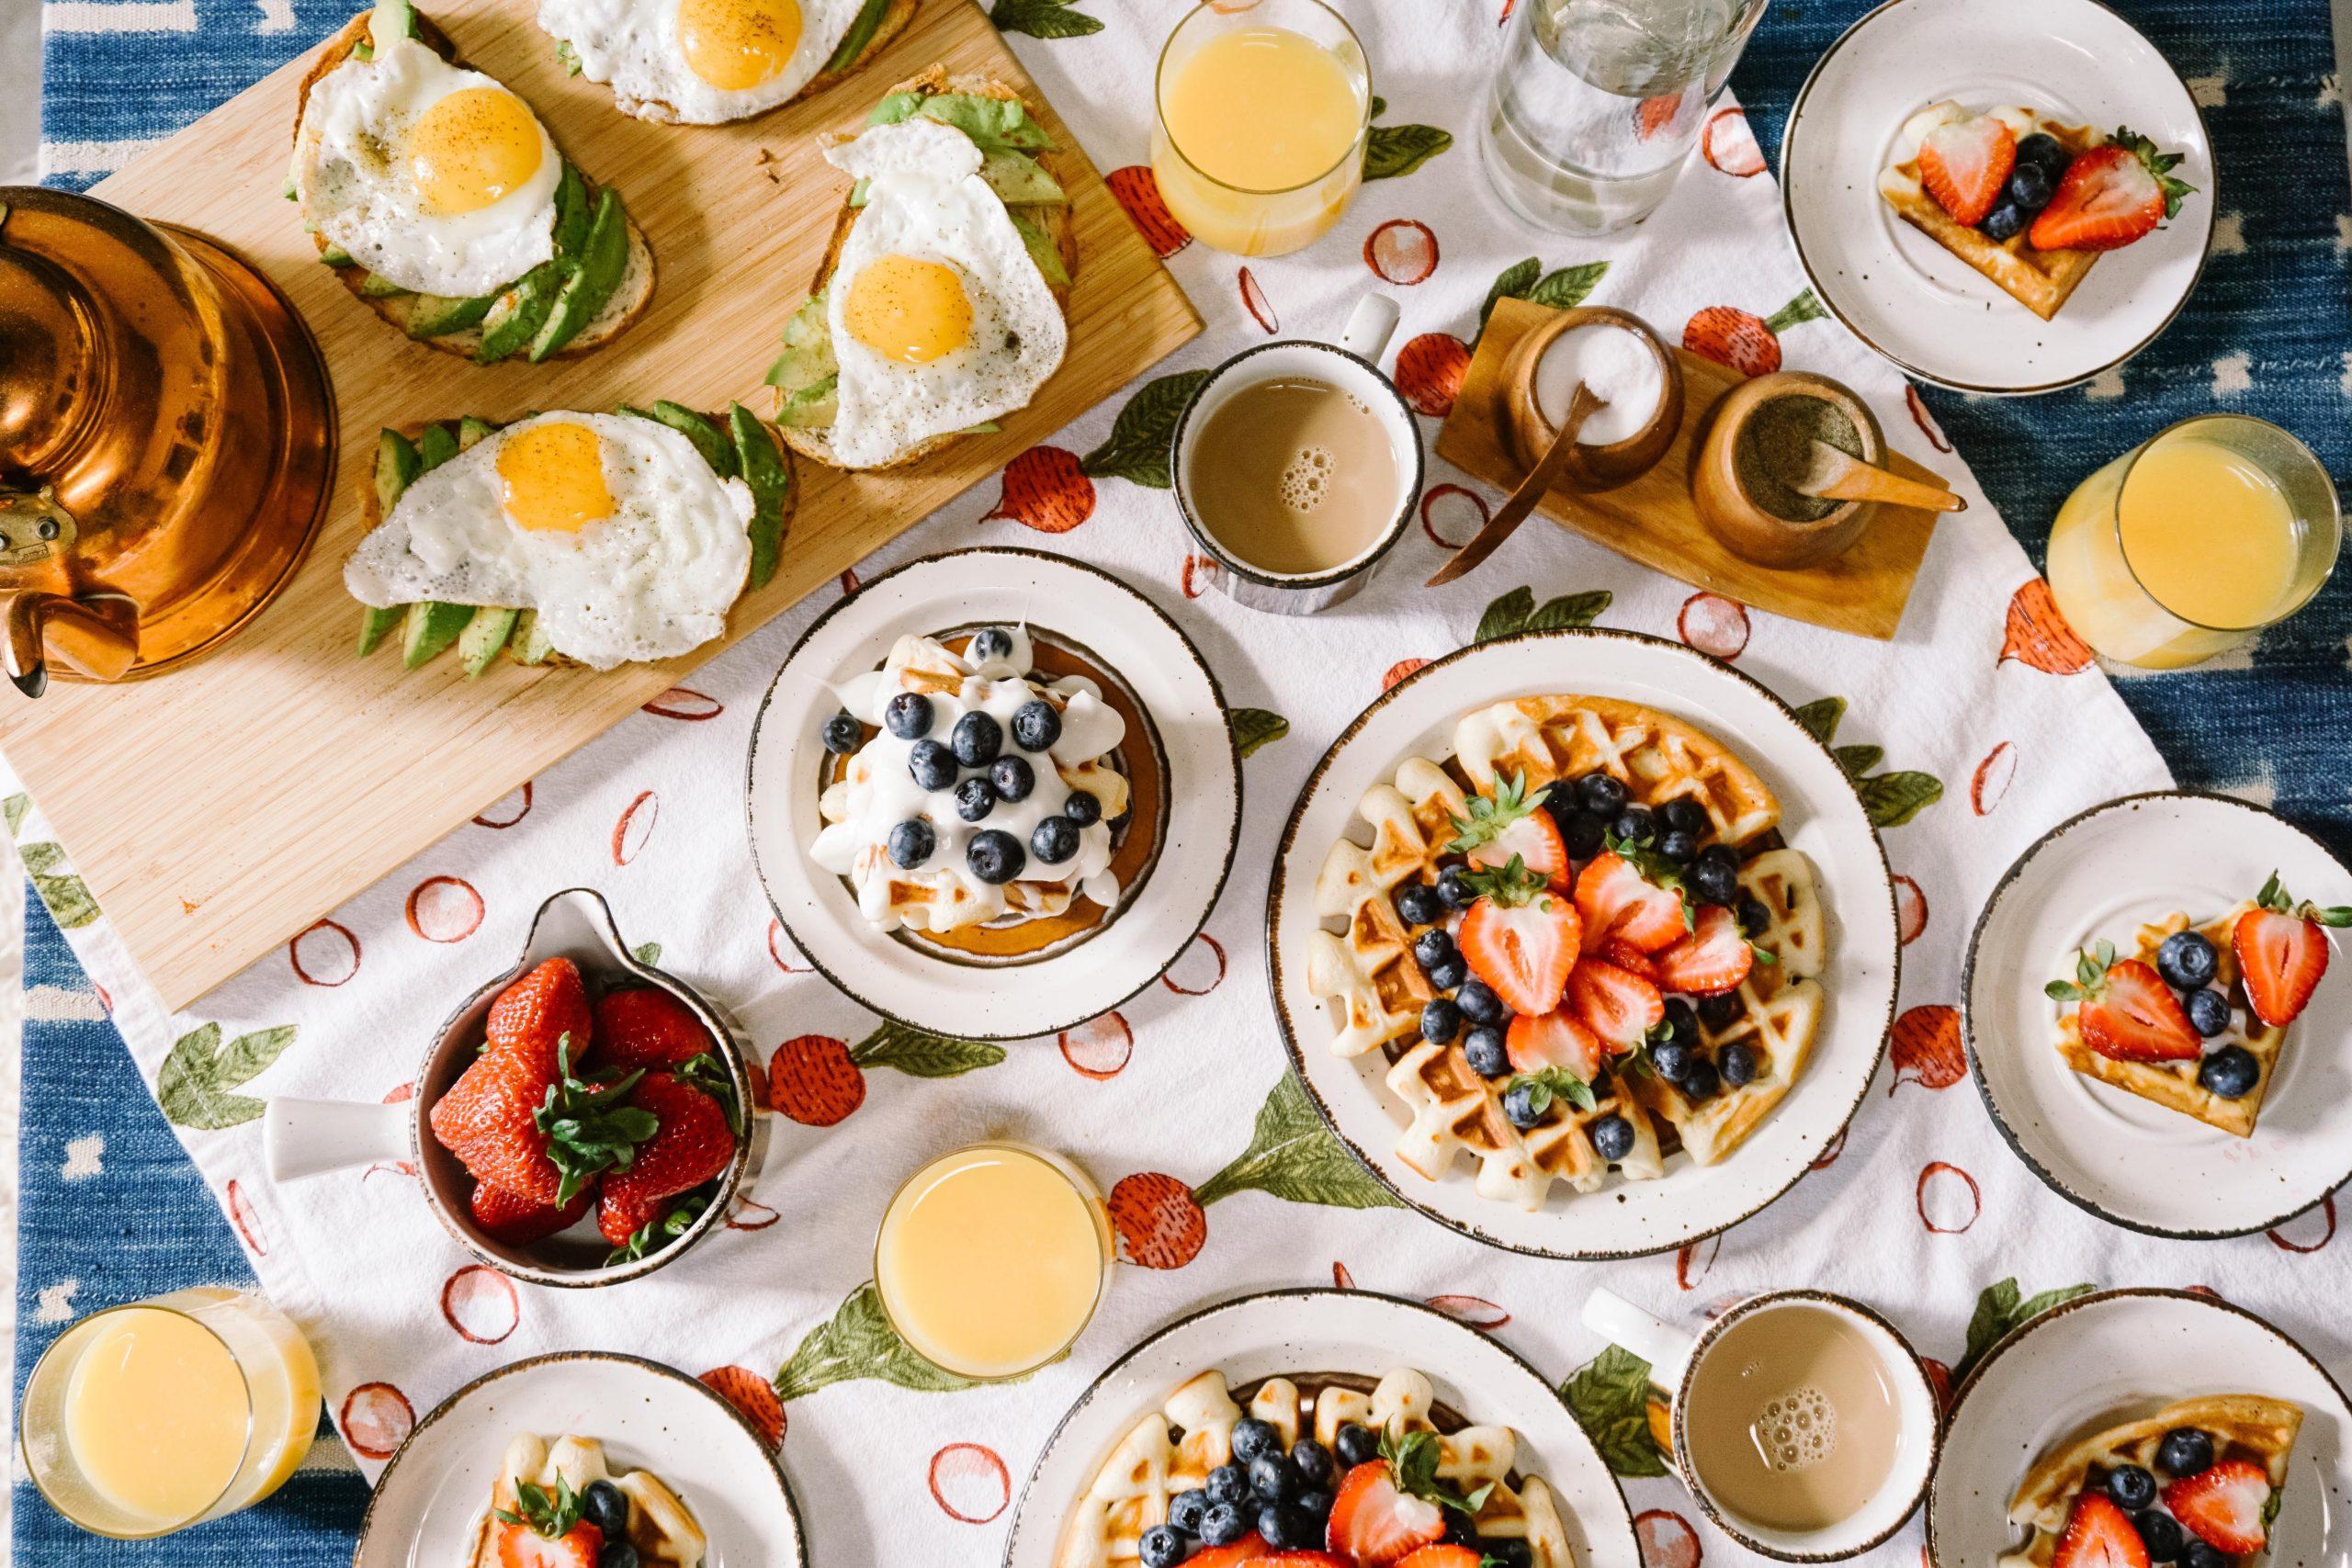 Entrainement, alimentation et repos, quelles sont les règles à respecter ?